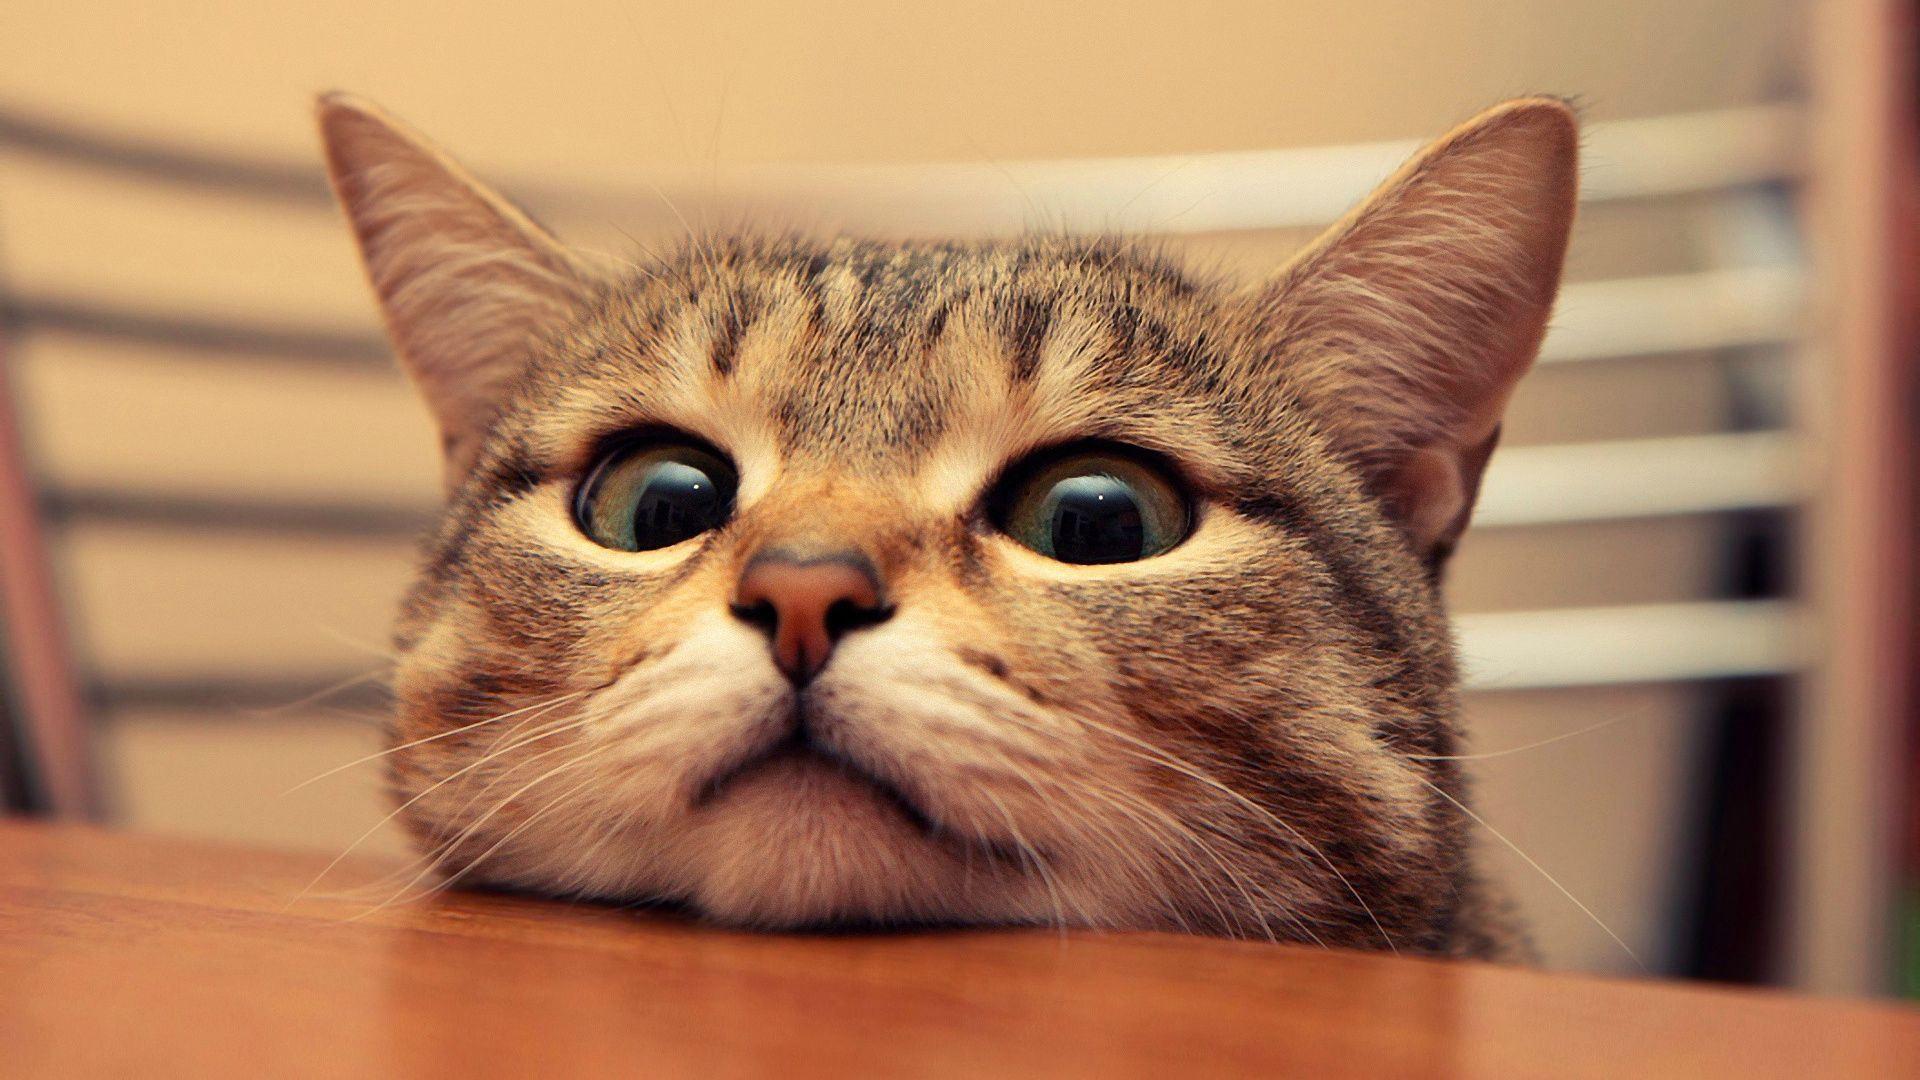 hd cat #cat #hd | hd animals | pinterest | cats, cute cats and cat cat